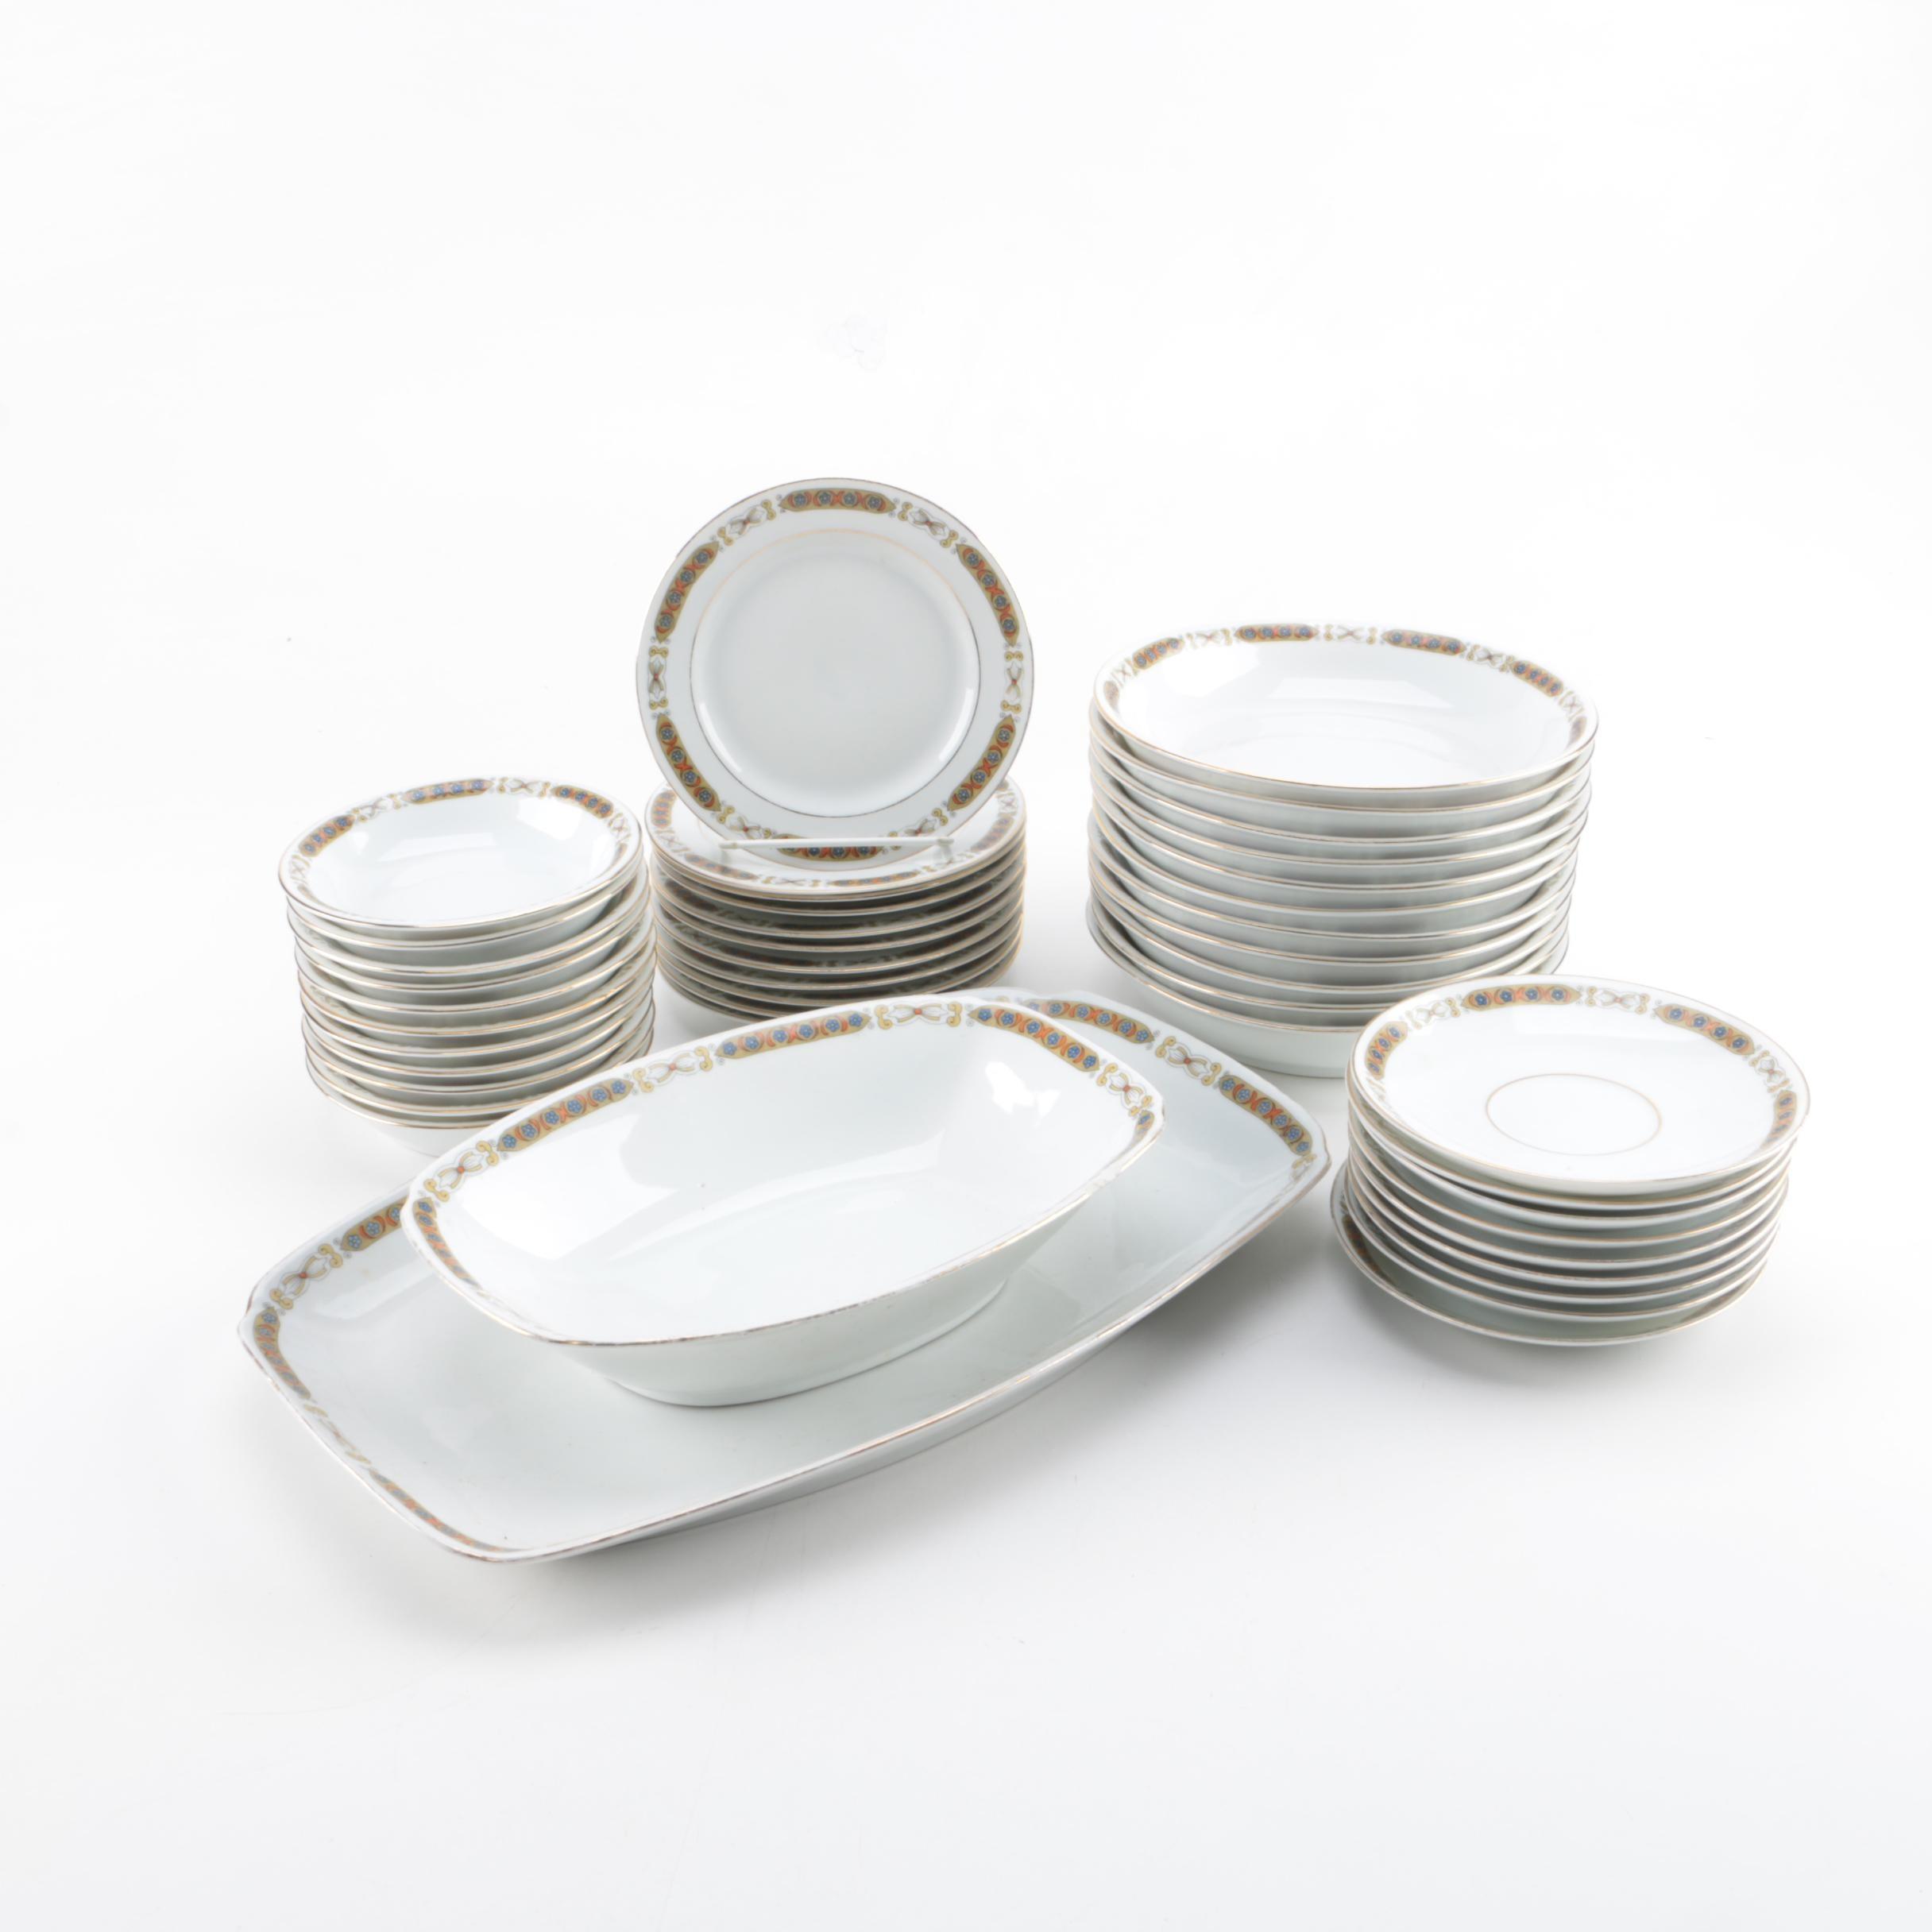 Vintage Epiag Porcelain Tableware